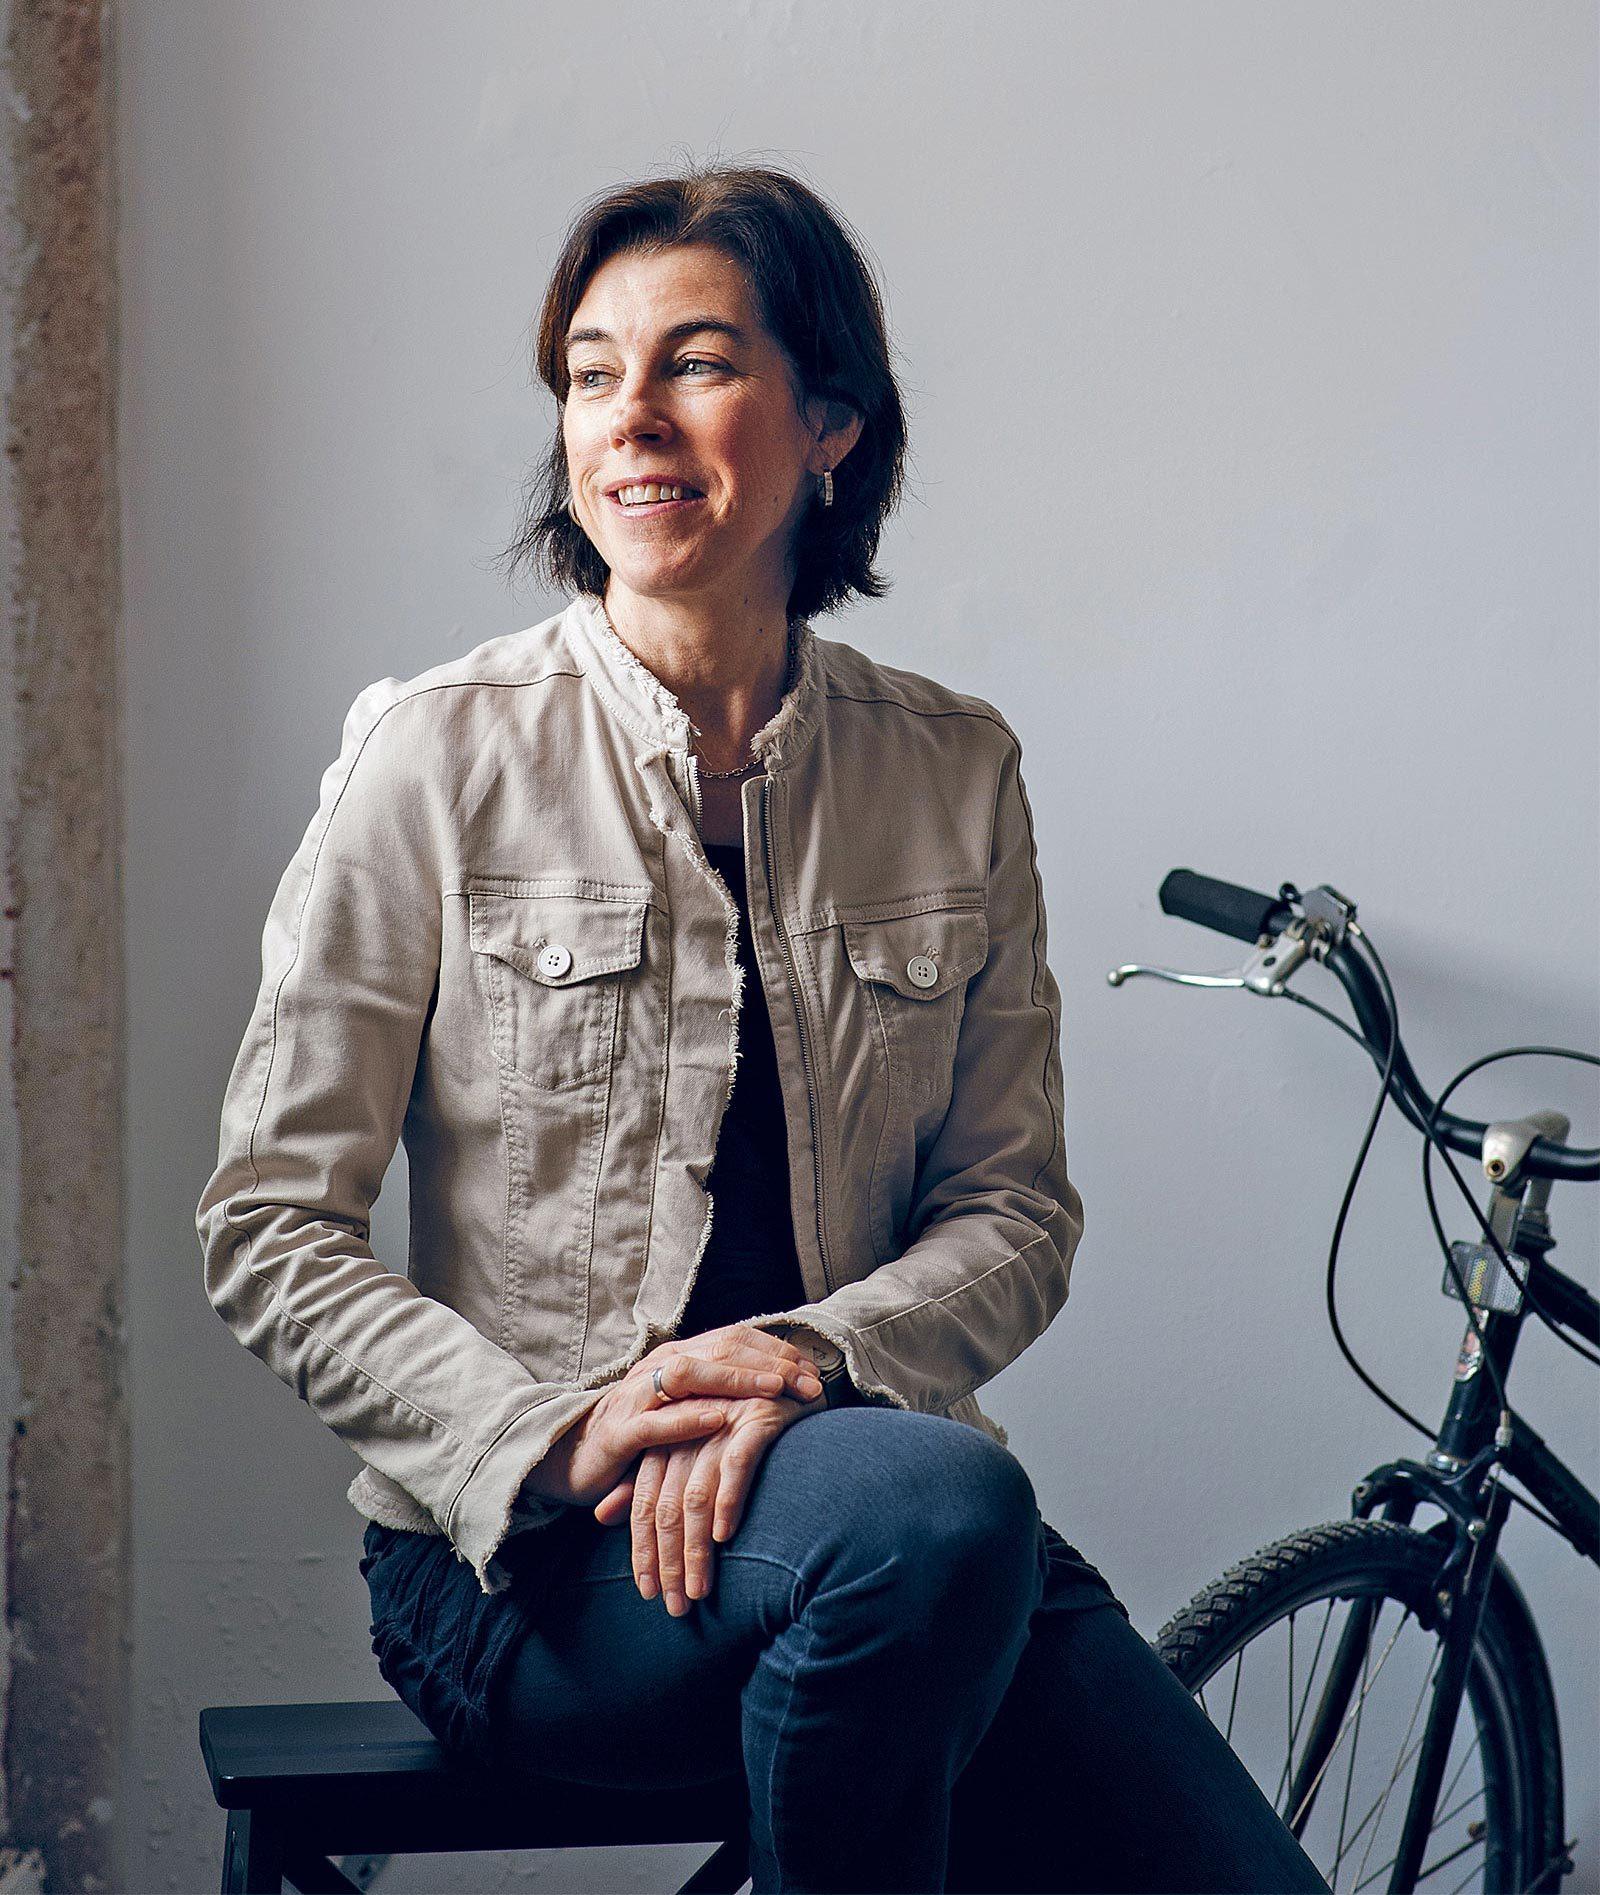 Vélo Québec : rencontre avec la présidente Suzanne Lareau.